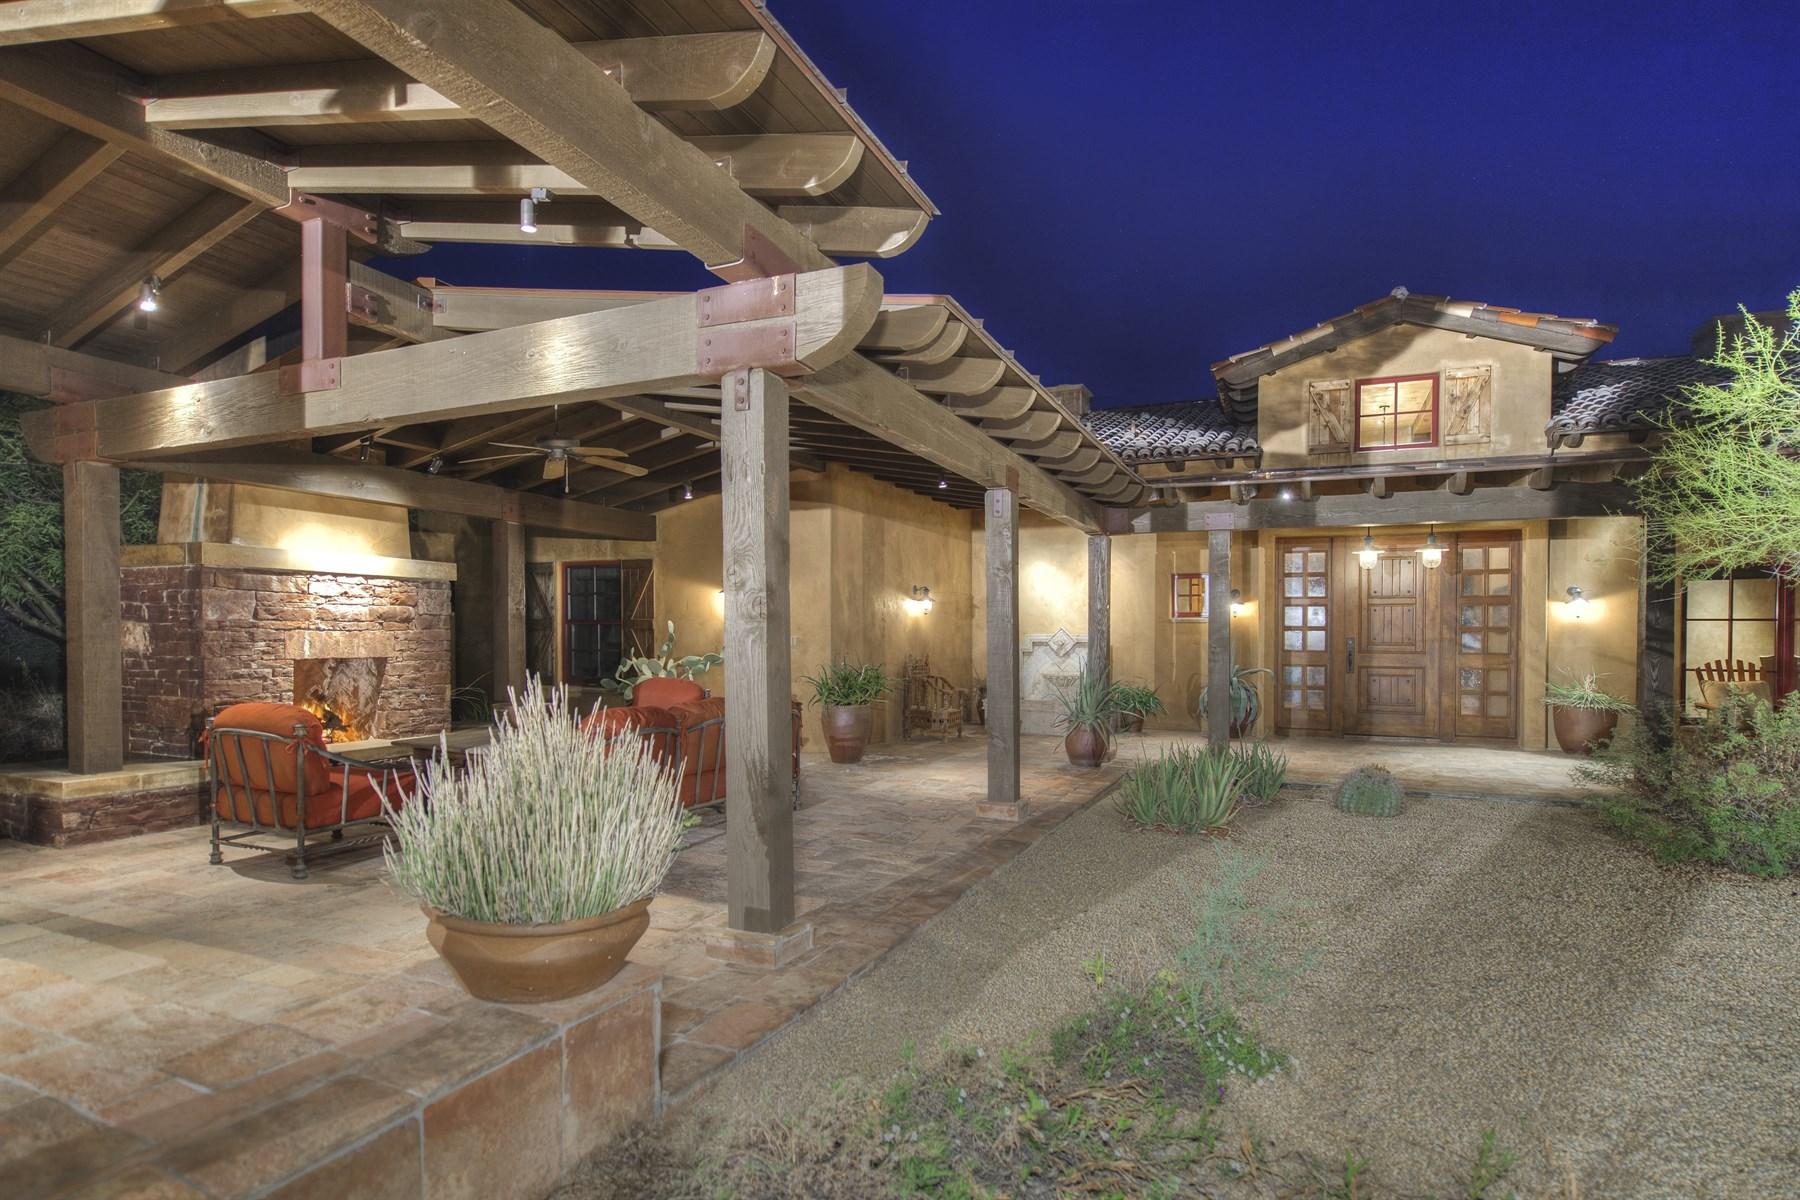 Einfamilienhaus für Verkauf beim Impeccable desert estate located in the guard-gated community of Whisper Rock 7899 E Whisper Rock Trl Scottsdale, Arizona, 85266 Vereinigte Staaten